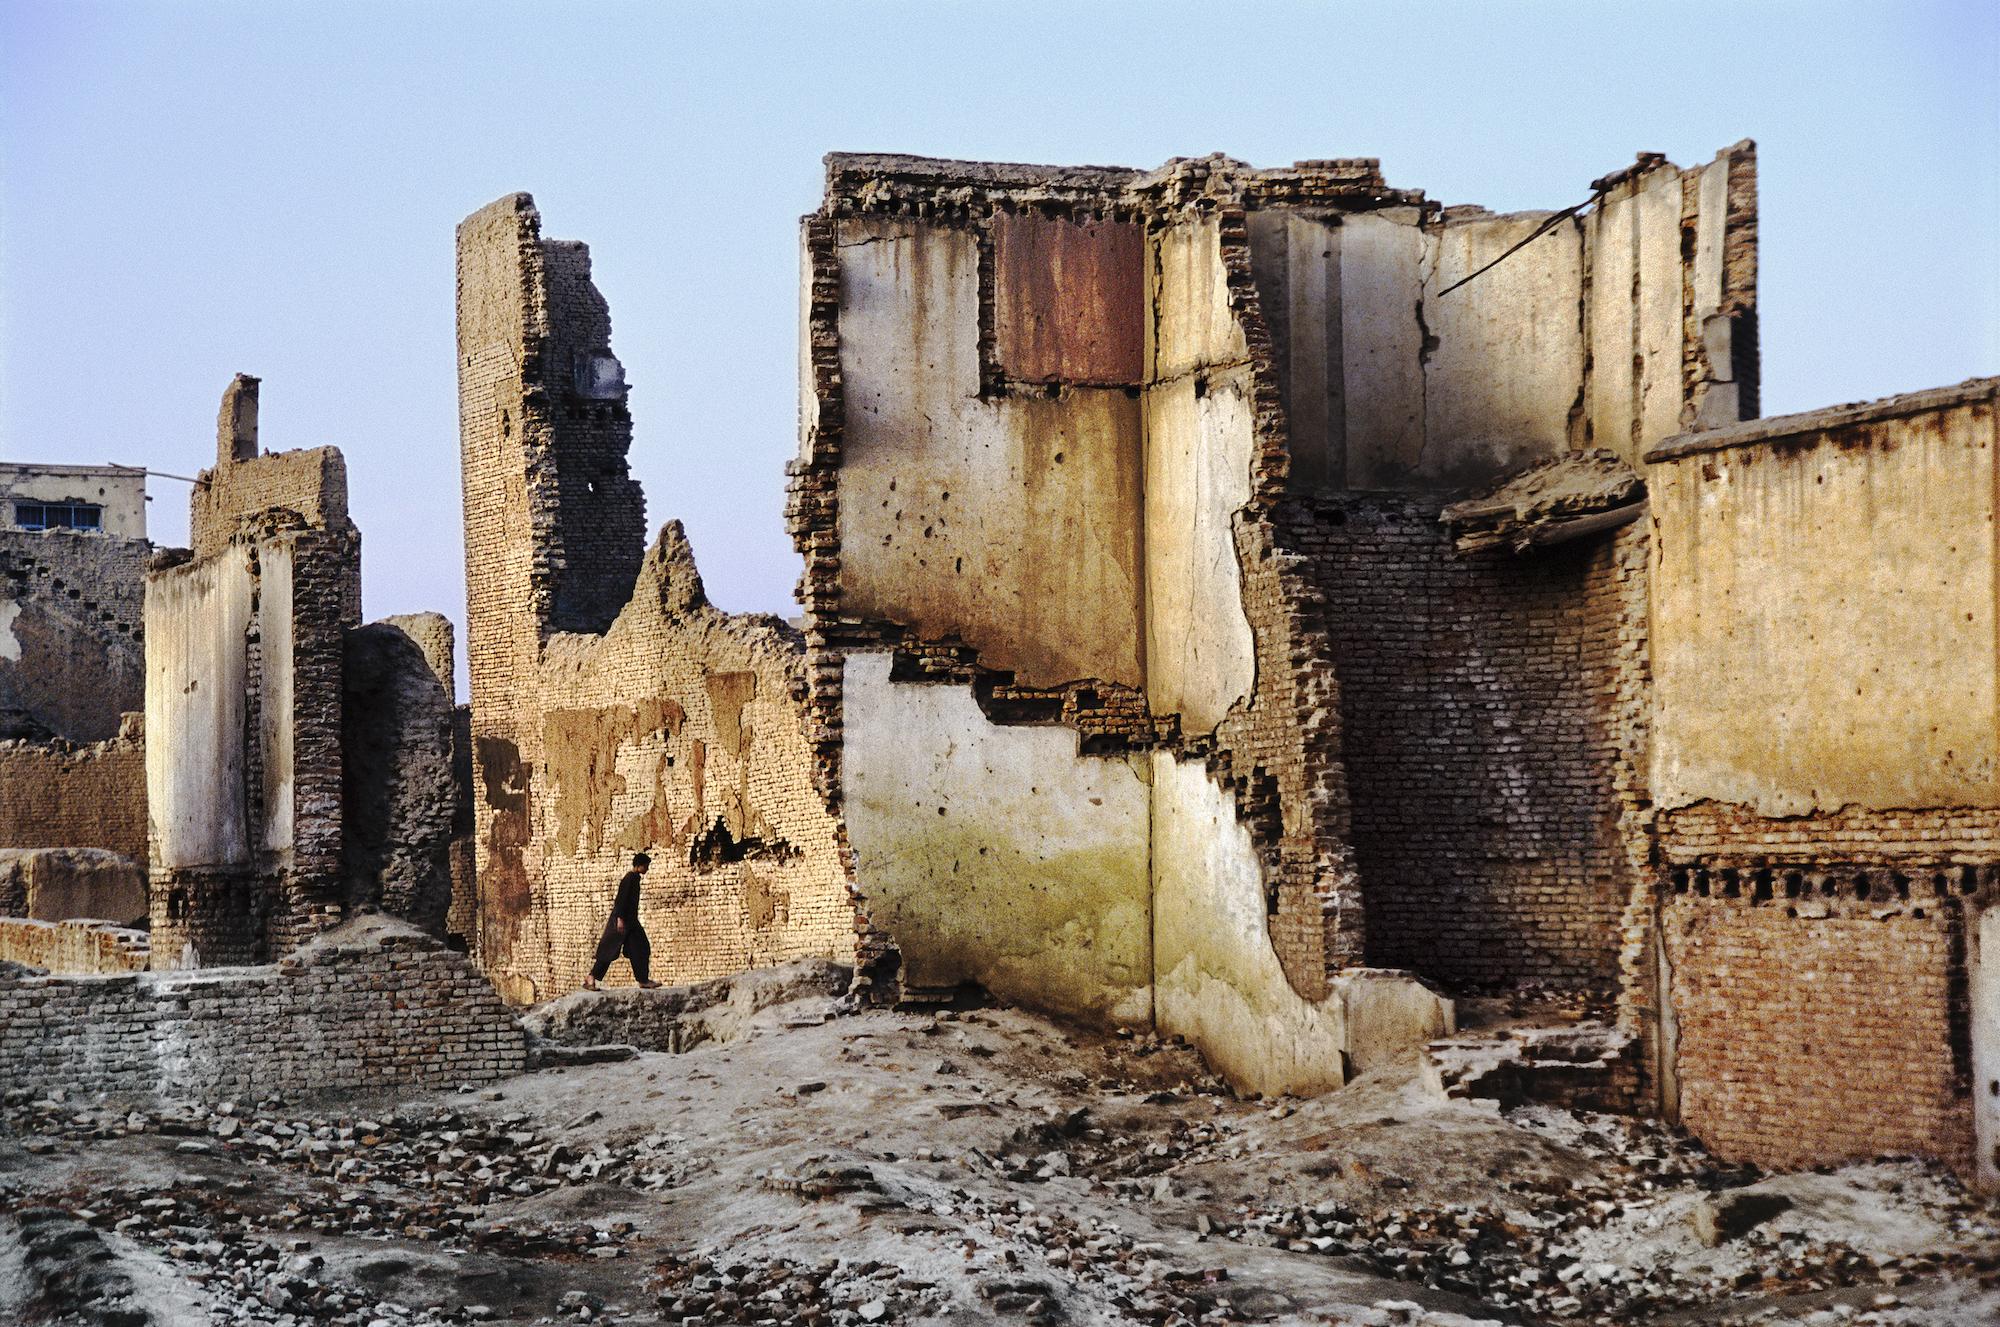 Un homme marche dans les ruines, Kaboul, Afghanistan, 2003 ©Steve McCurry